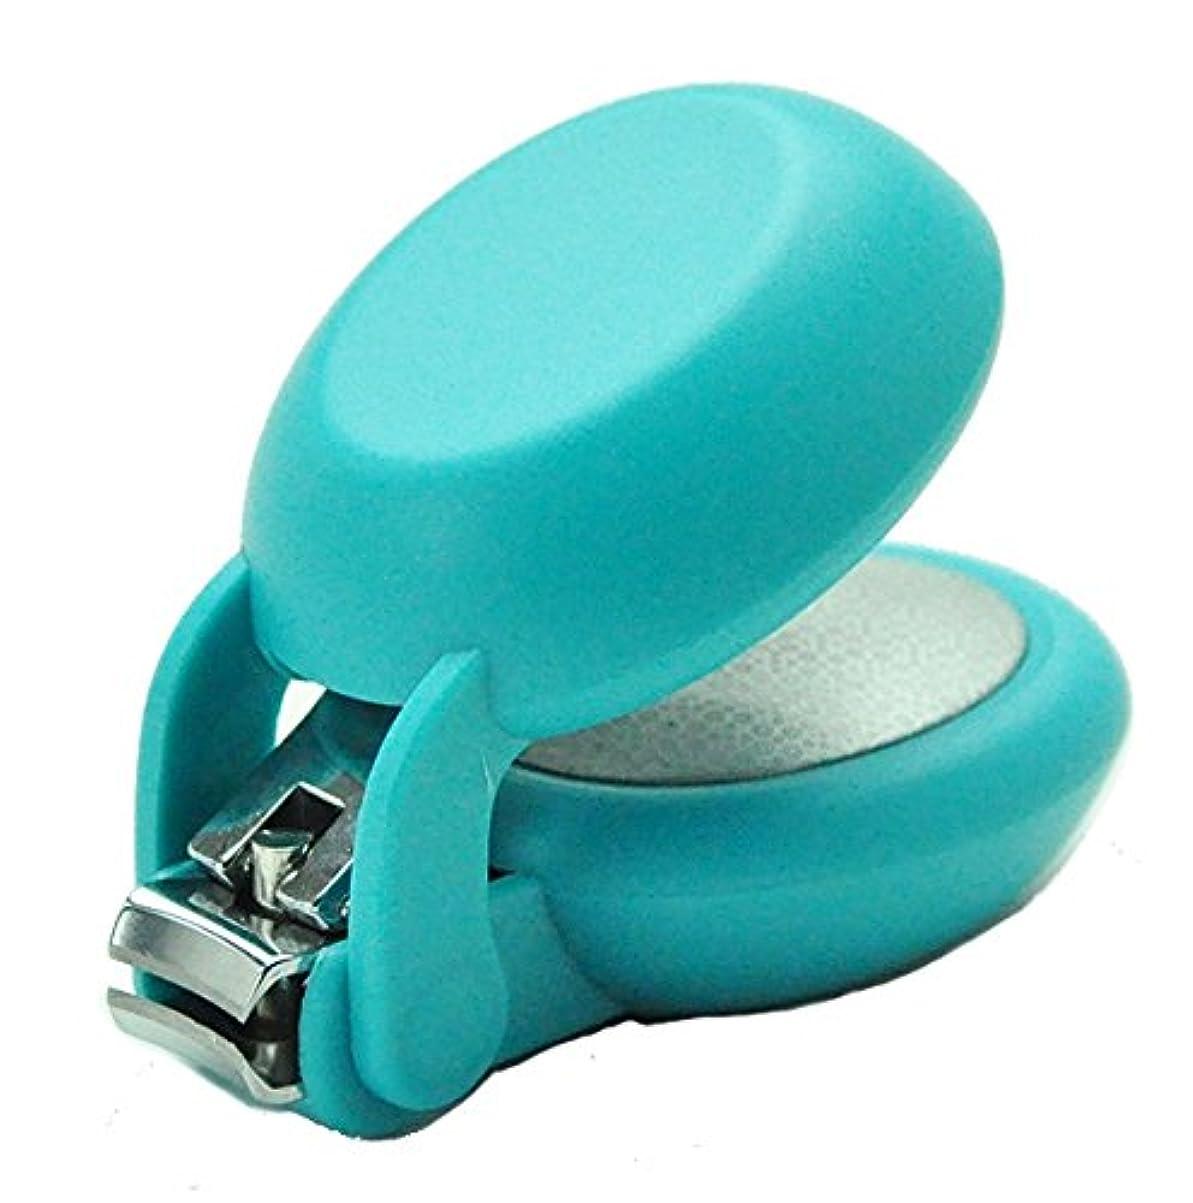 美徳パイロットいう爪切り nail clipper (ネイルクリッパー) Nail+ (ネイルプラス) Blue (ブルー)